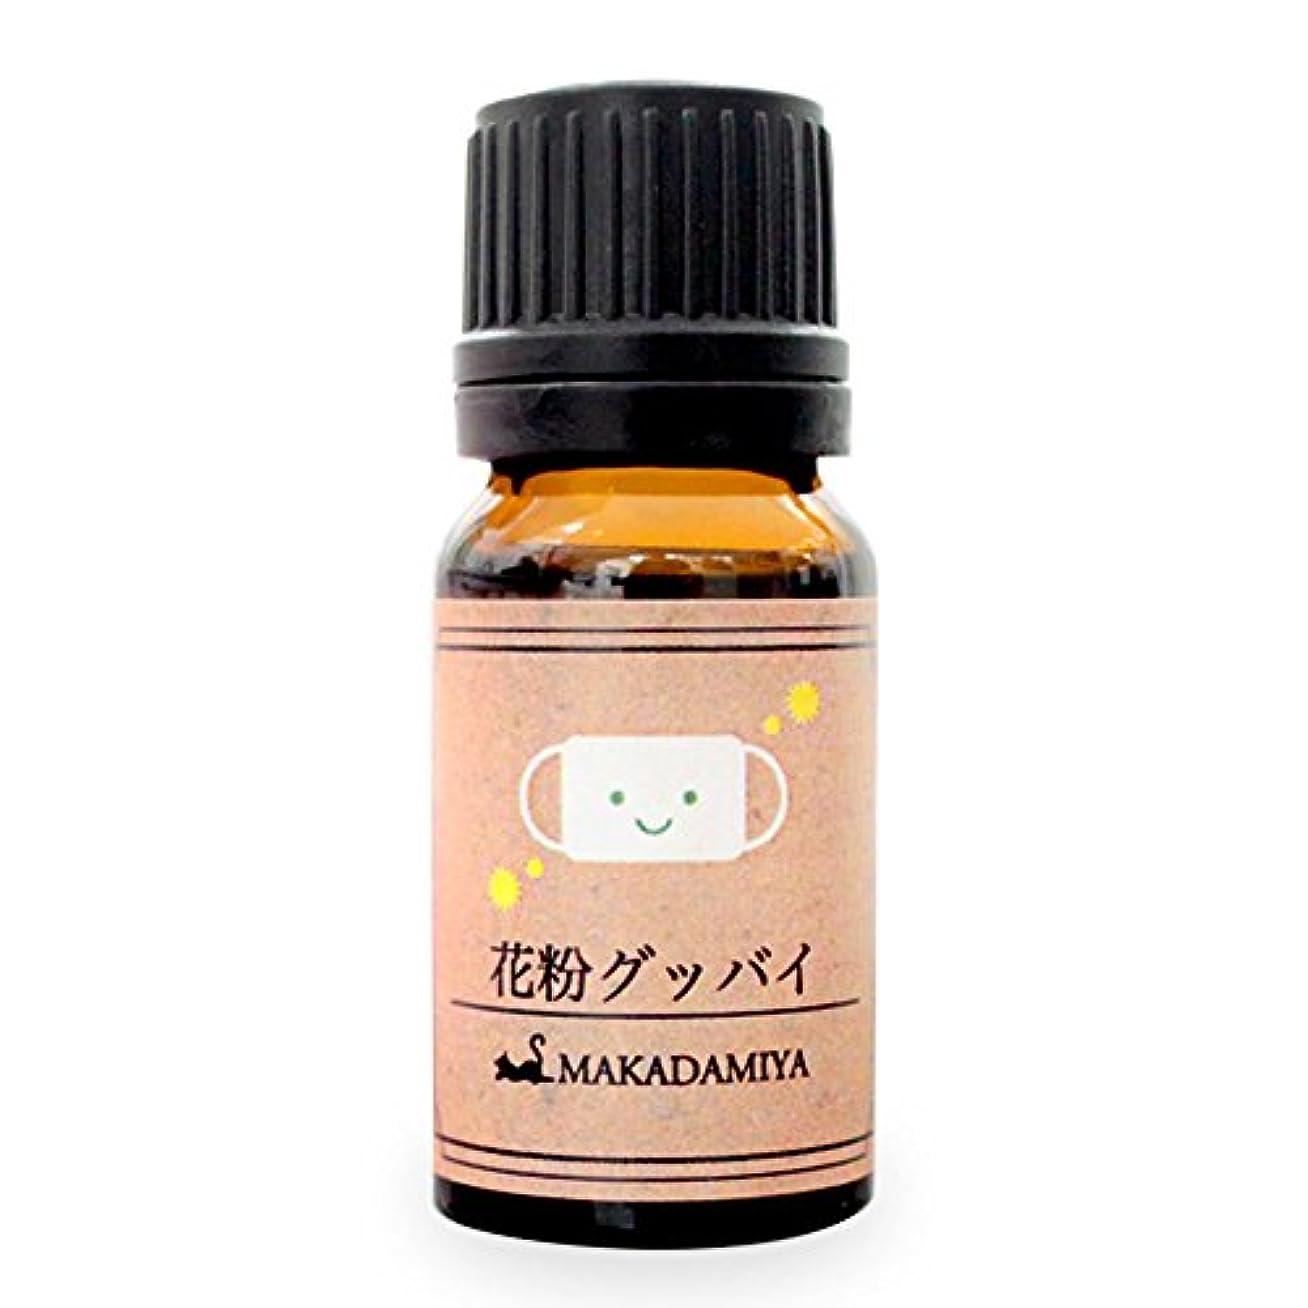 ブランド名分岐する石の花粉グッバイ10ml (天然100%植物性/アロマオイル:ティートゥリー?ペパーミント?ユーカリ?ラベンダー?マートル配合)